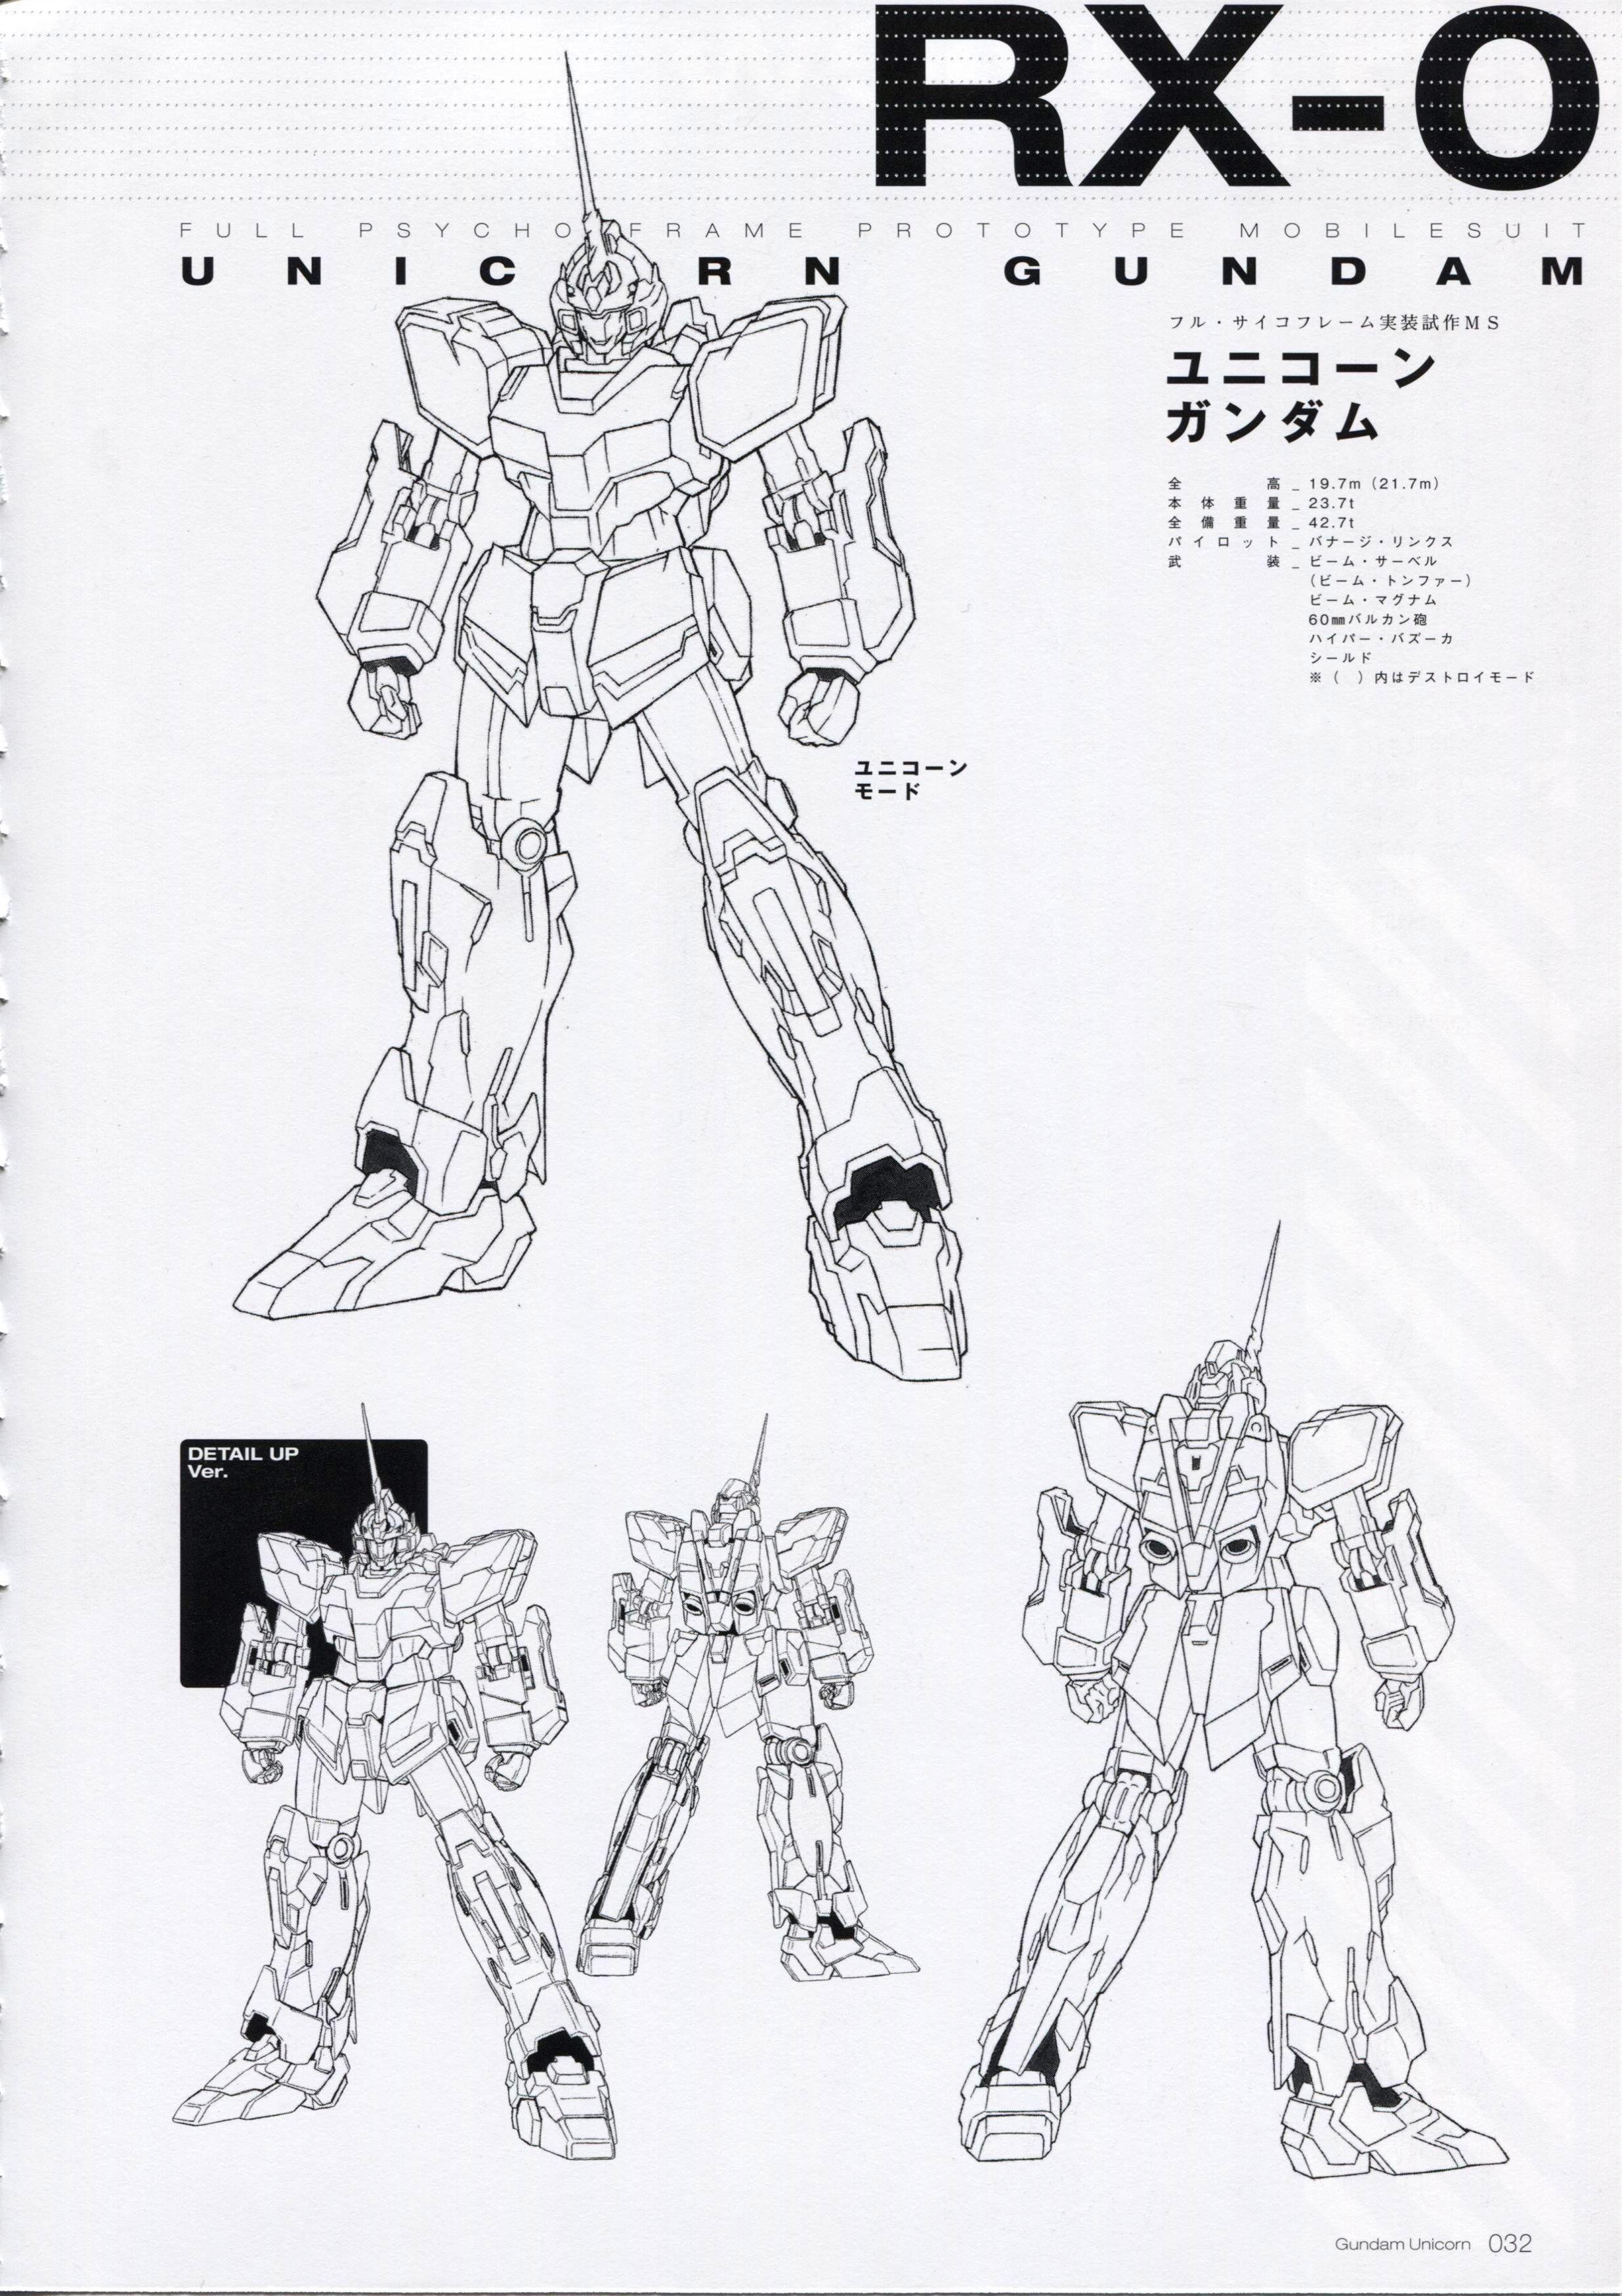 Mobile Suit Gundam Unicorn Mechanics World Ep 1 3 Unicorn Gundam Character Design Gundam Art